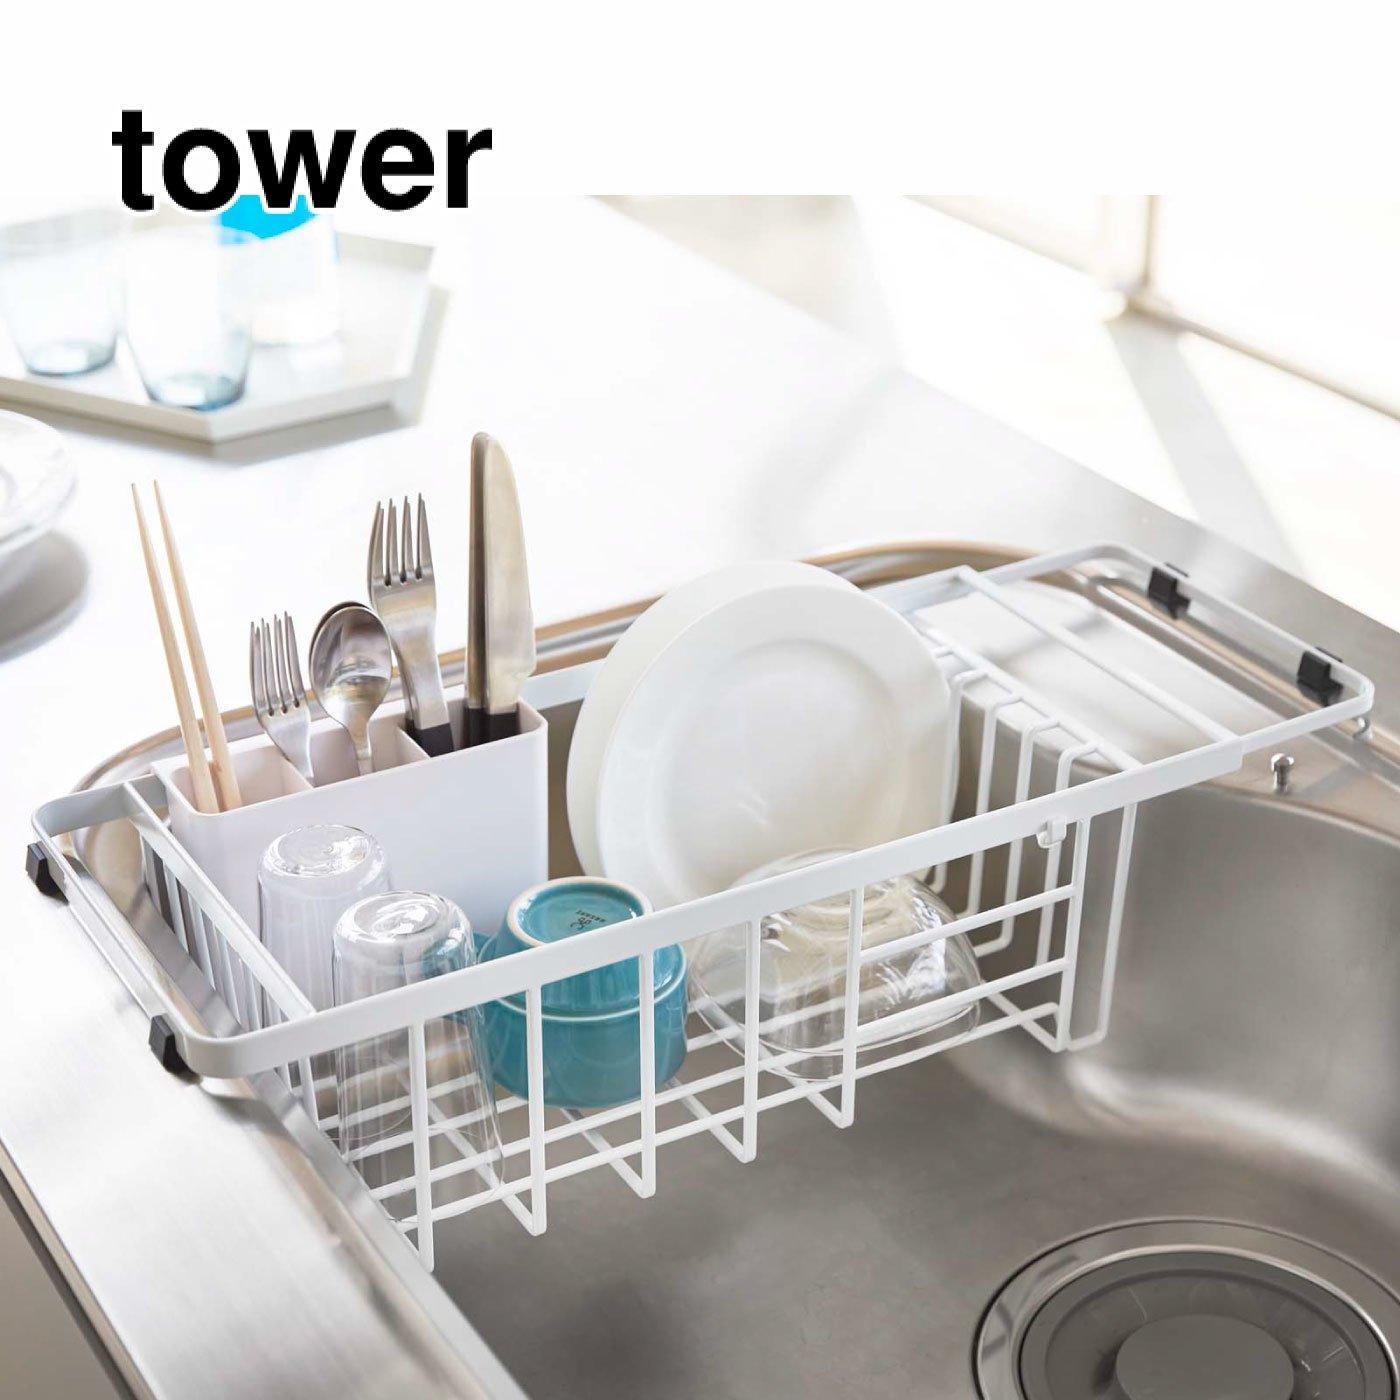 tower 伸縮水切りワイヤーバスケット